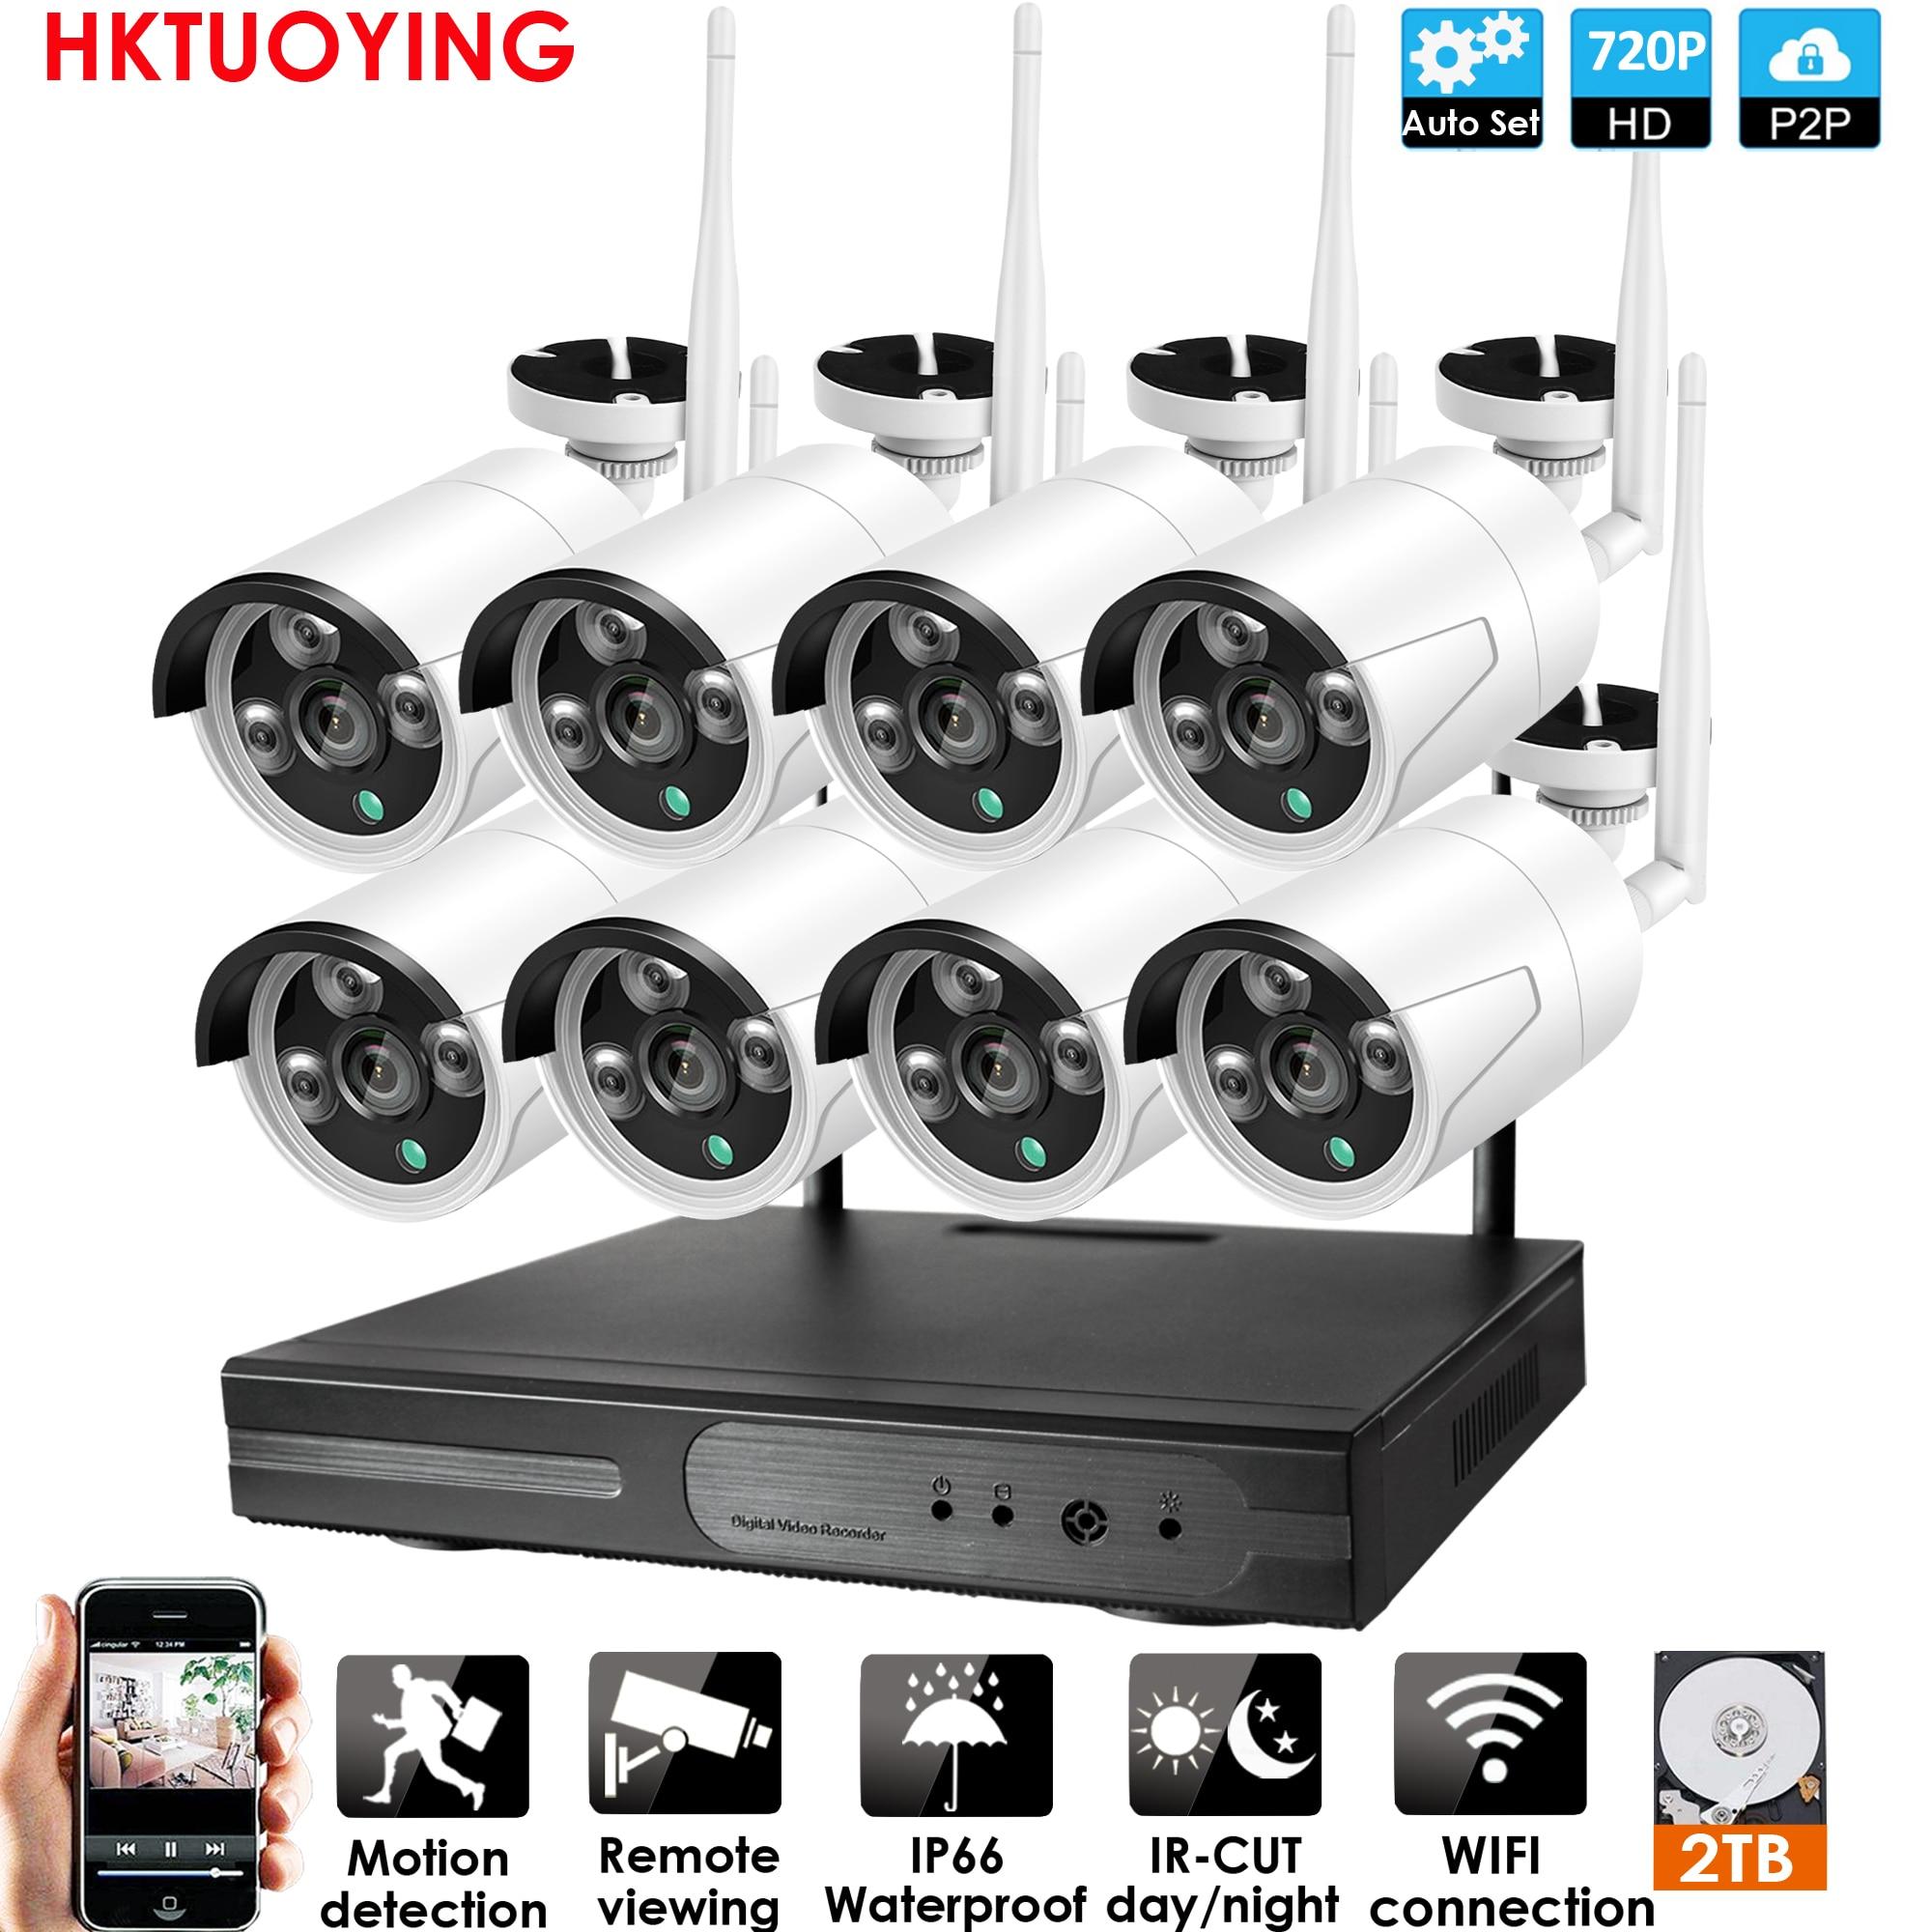 Plug and Play 8CH 1080P HD sans fil NVR Kit P2P 720P intérieur extérieur IR Vision nocturne sécurité 1.0MP IP caméra WIFI système de vidéosurveillance